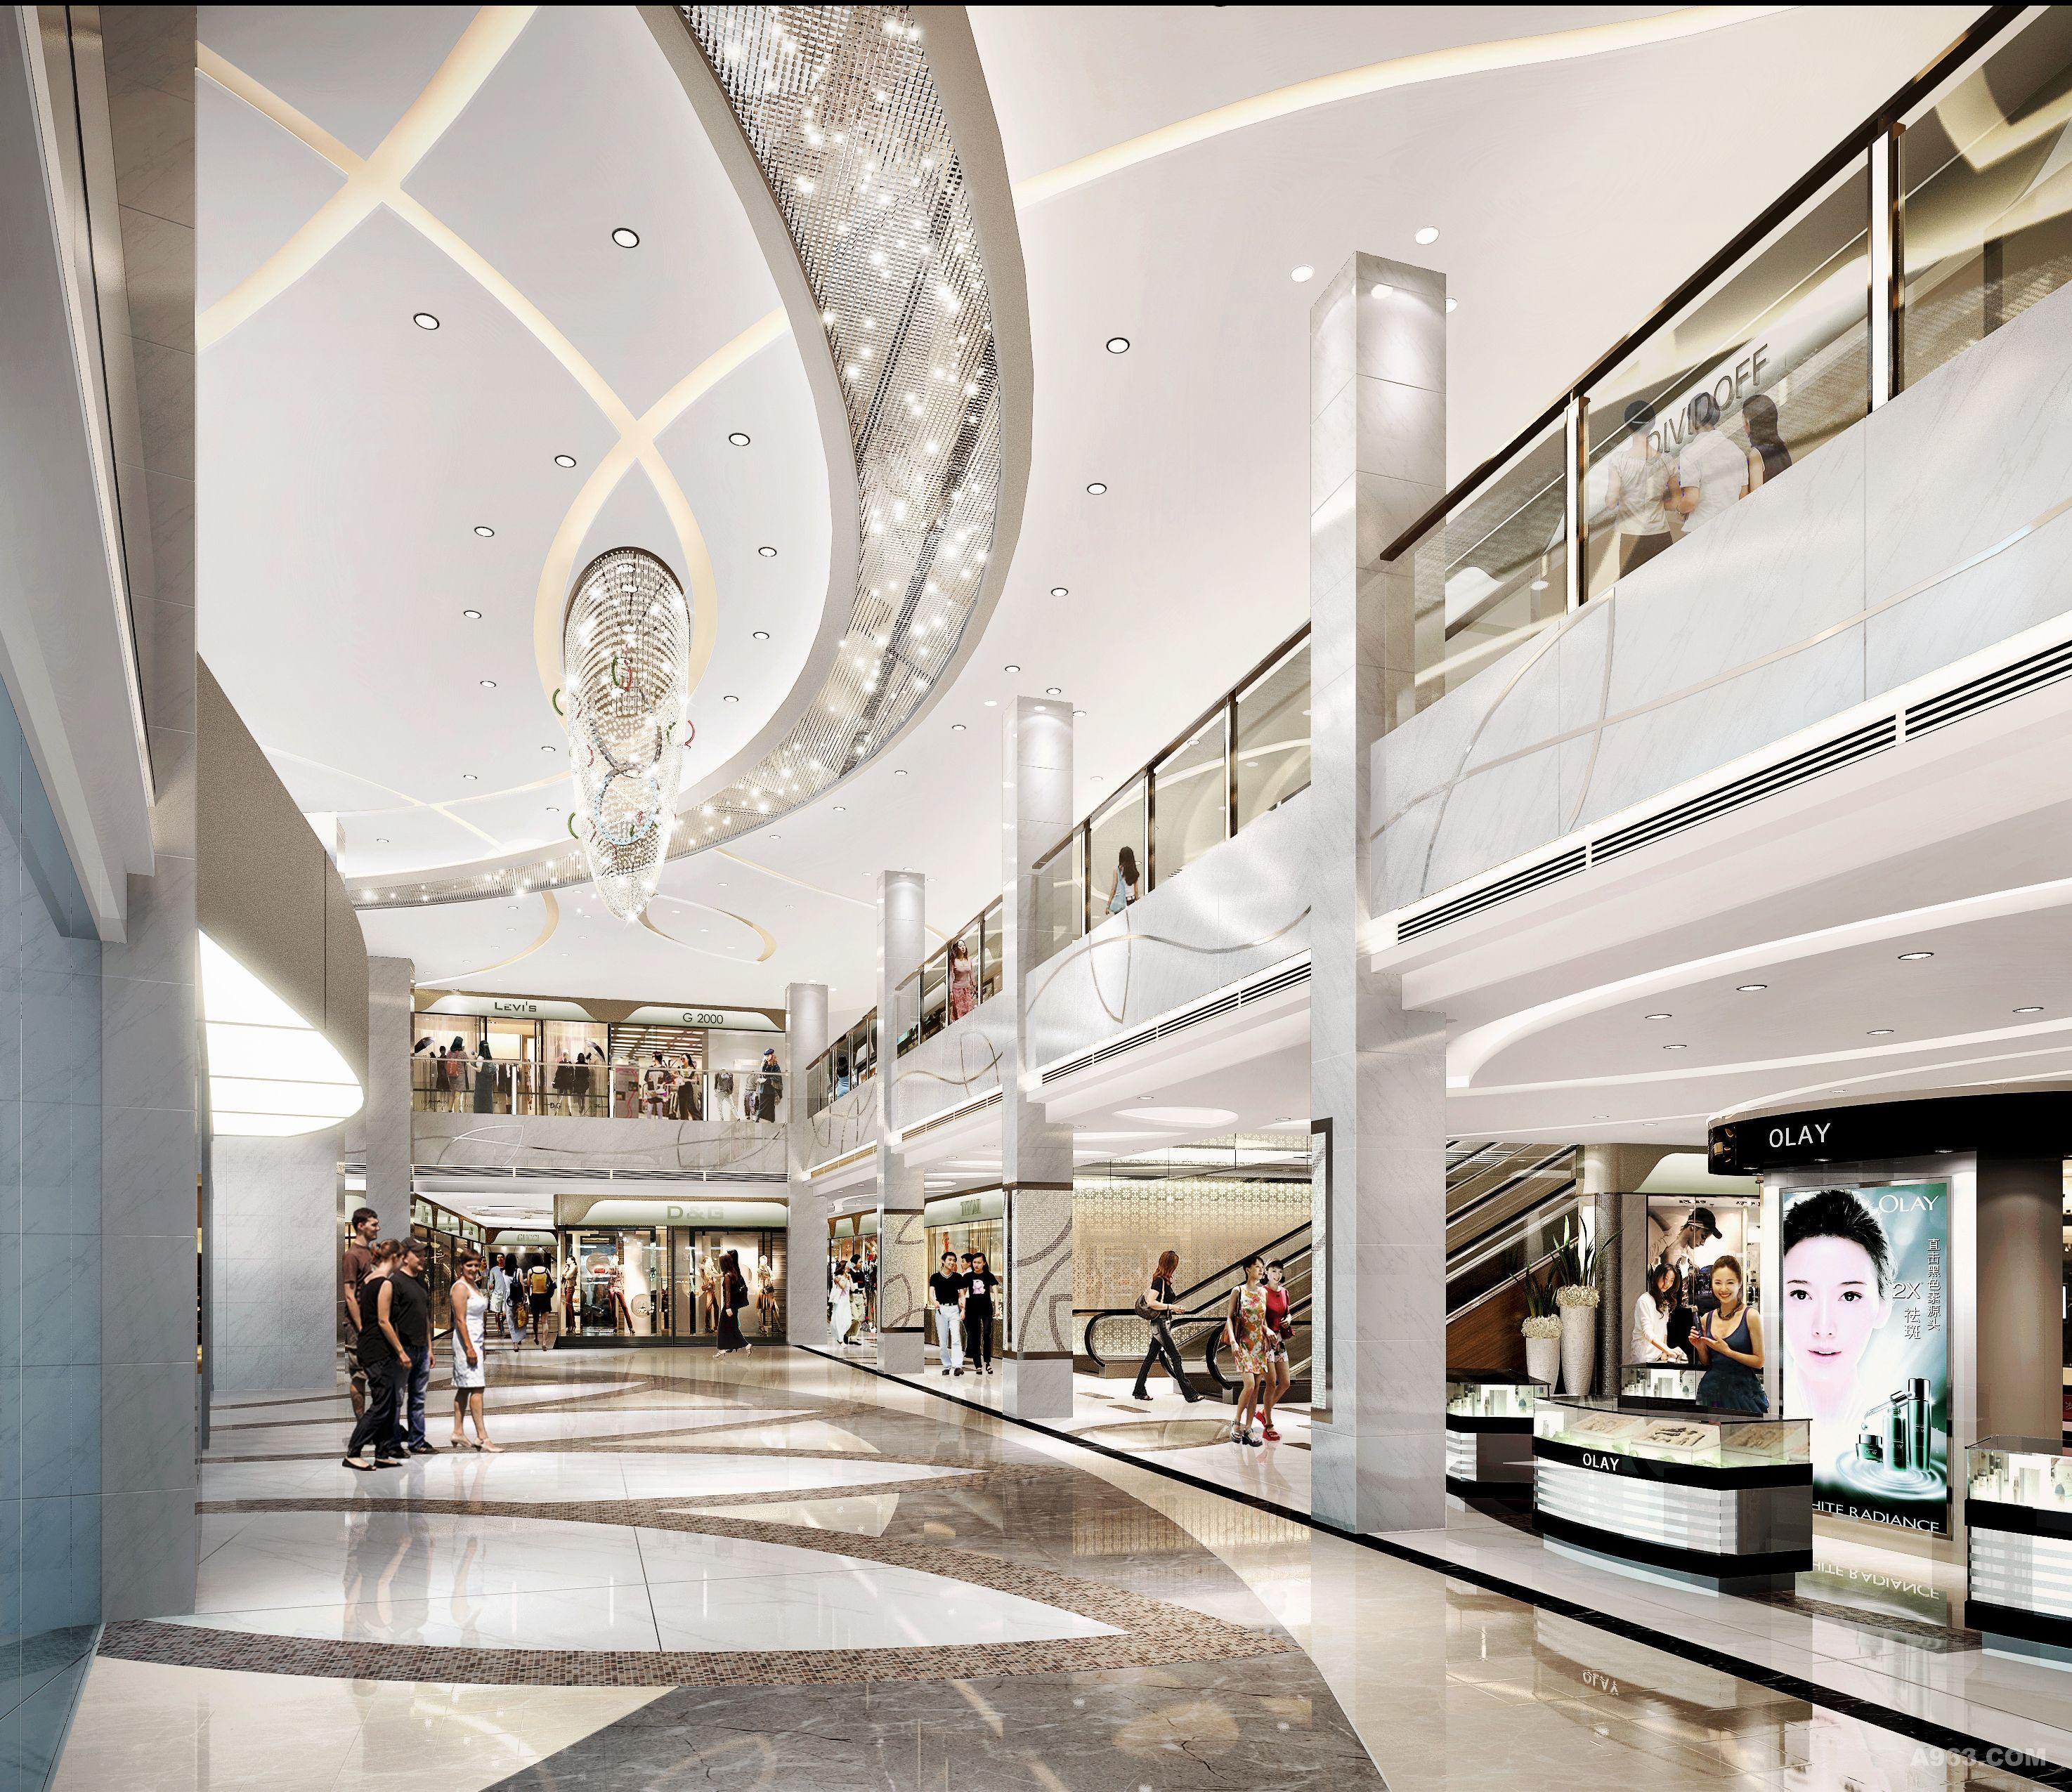 广州omg商场 - 商业空间 - 第9页 - 广州筑荣装饰设计